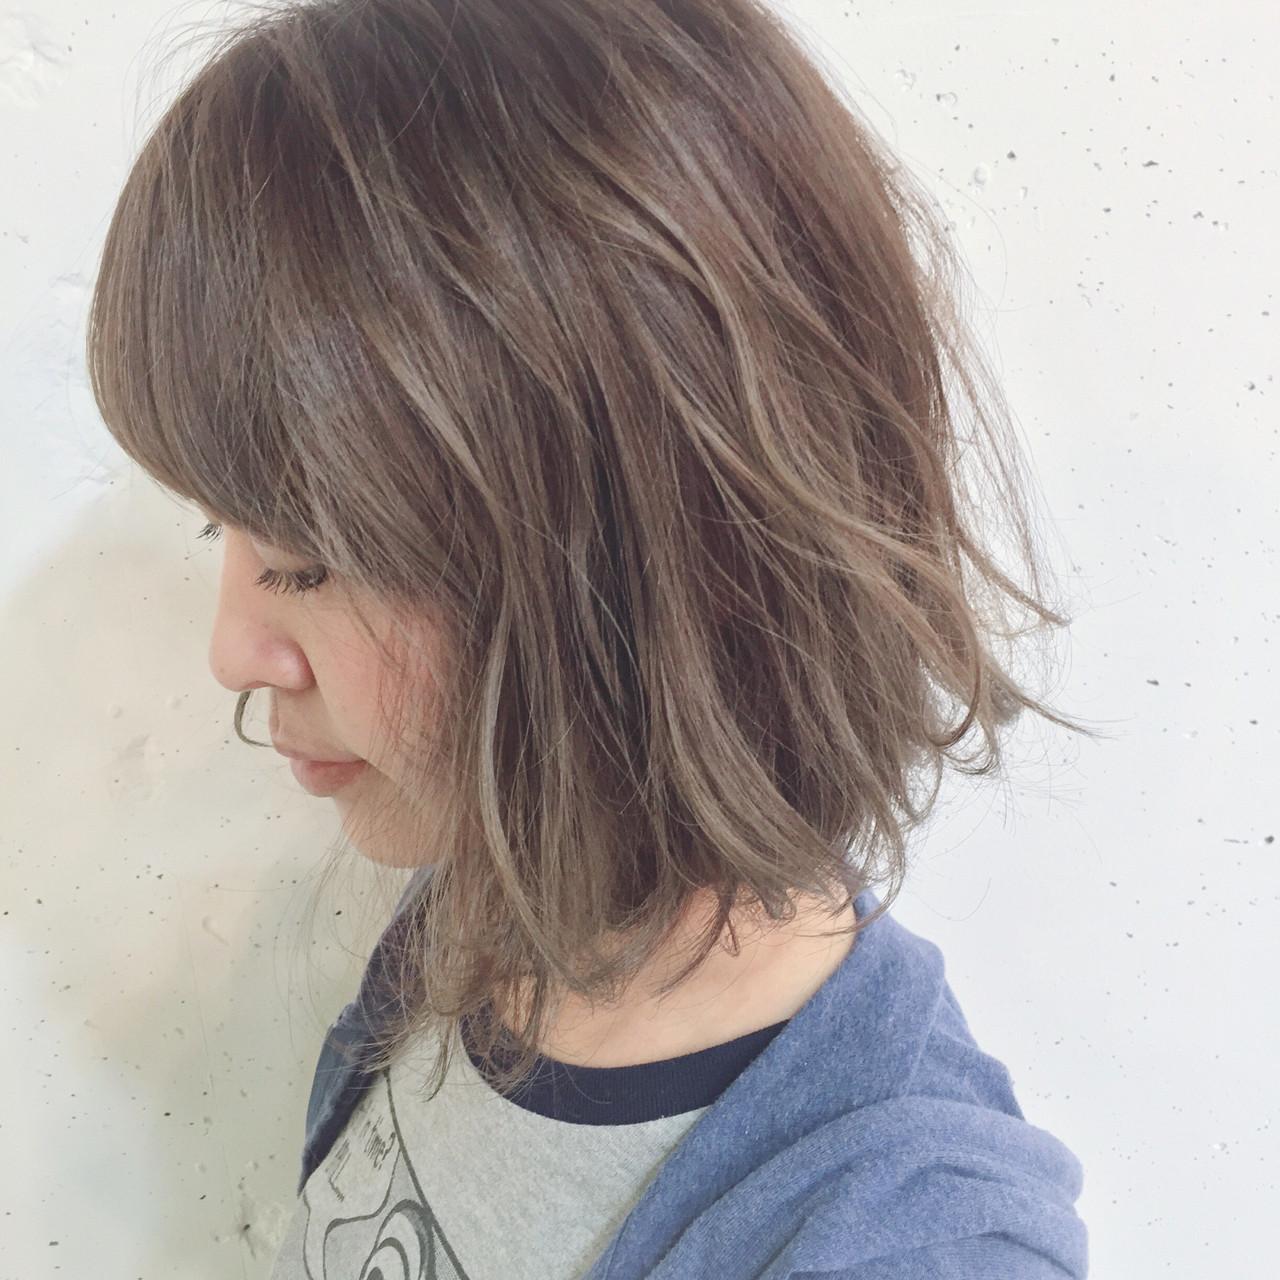 2018年秋冬【グレージュグラデーション】でトレンドヘア♡の7枚目の画像